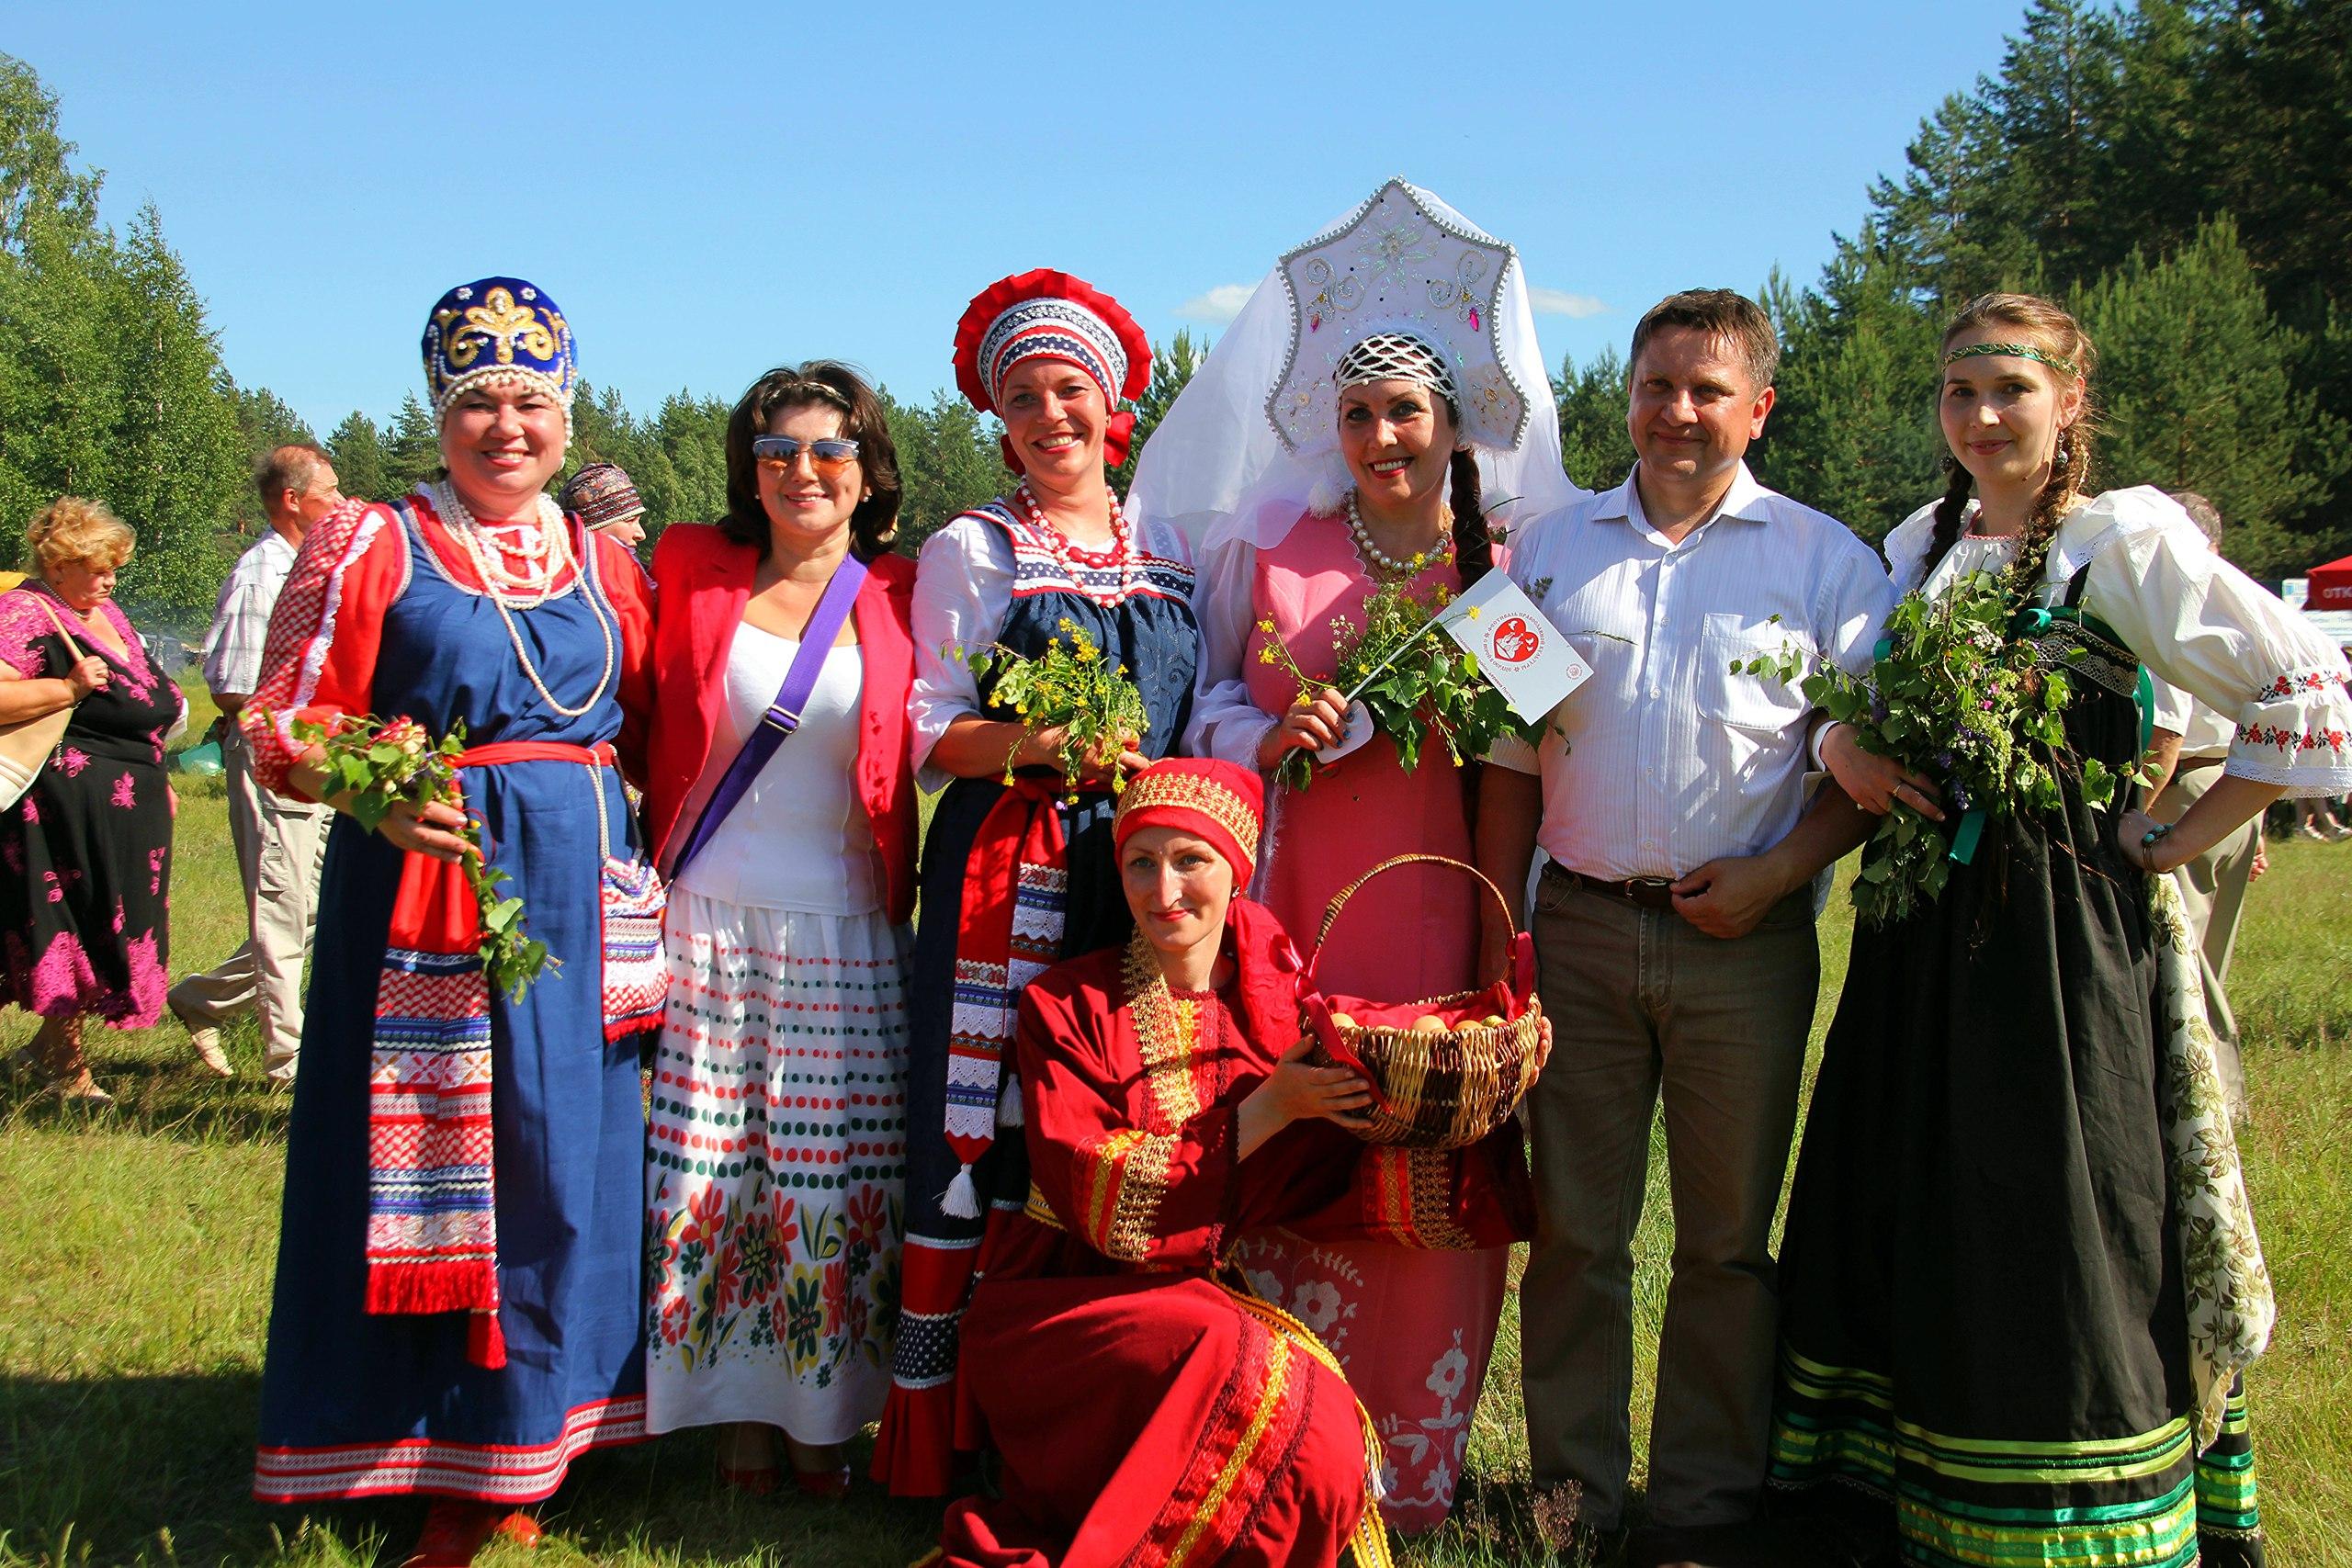 Петербургский меценат взял на себя расходы на проведение православного фестиваля в Чагодощенском районе